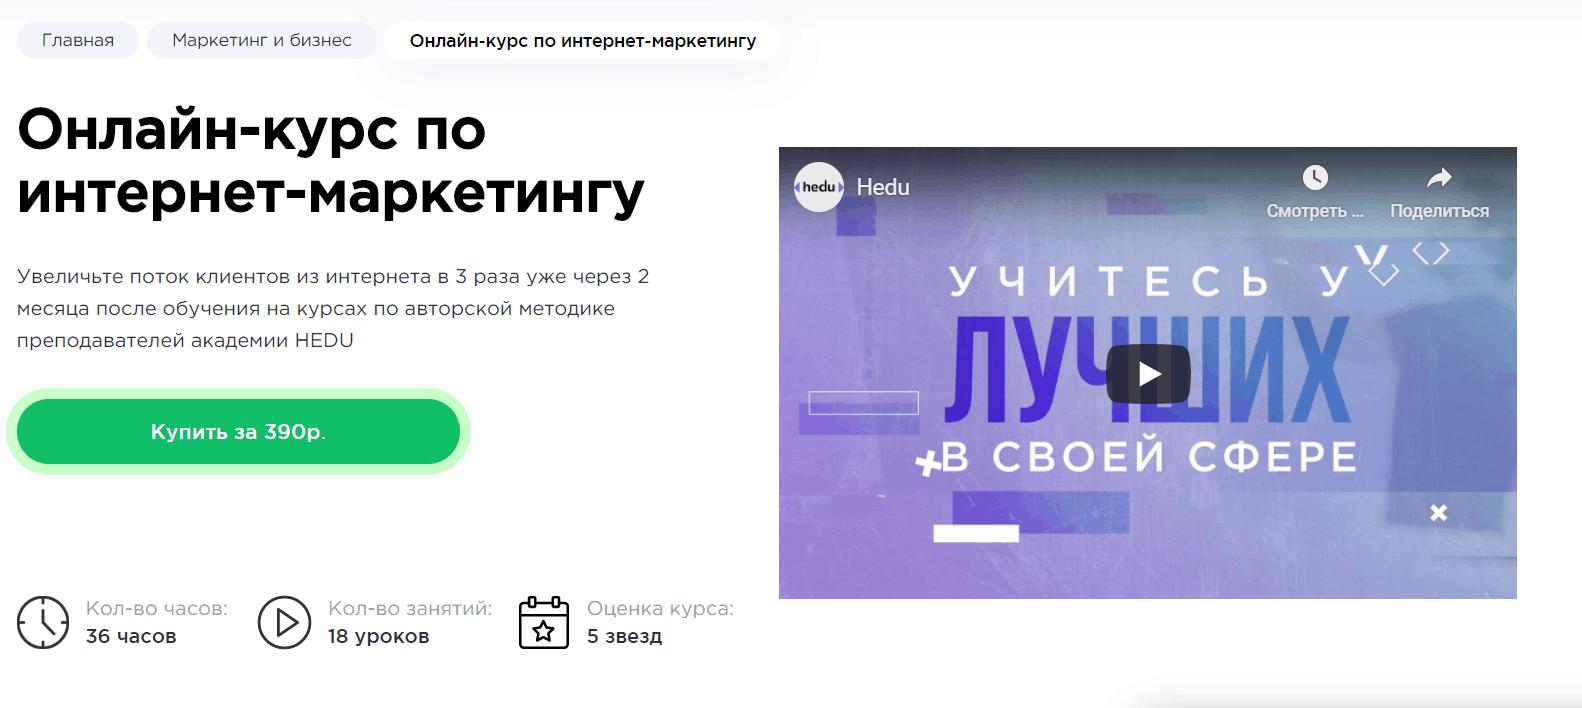 Онлайн-курс по интернет-маркетингу Hedu